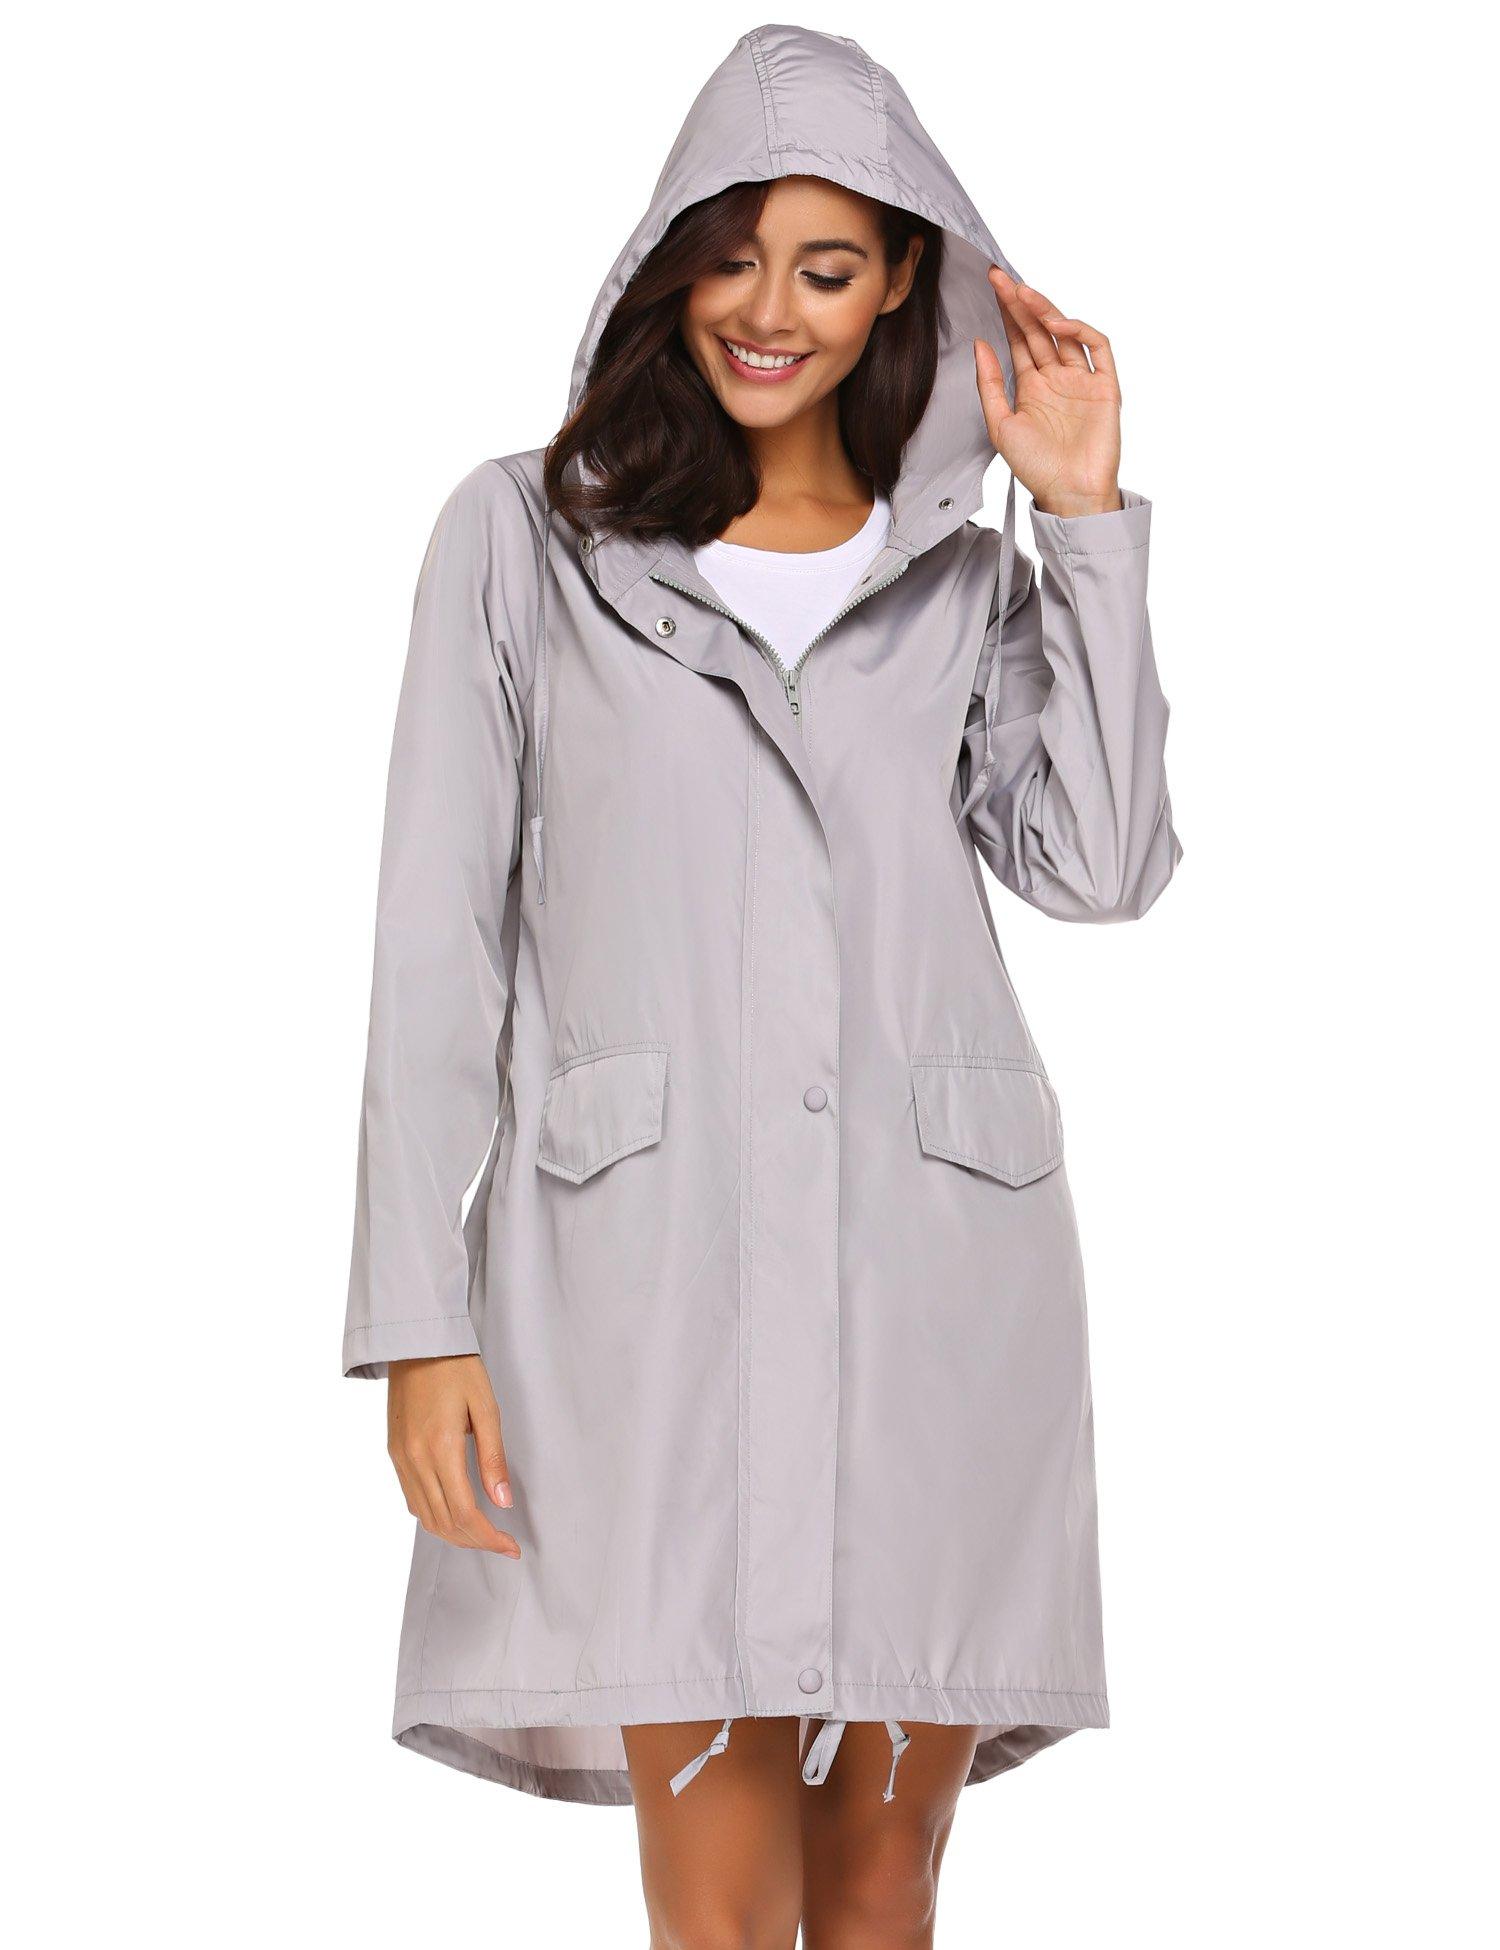 SoTeer Rain Coat Women Long Rain Jacket Lightweight Hooded Waterproof Active Outdoor Rain Jacket Windbreaker S-XXL